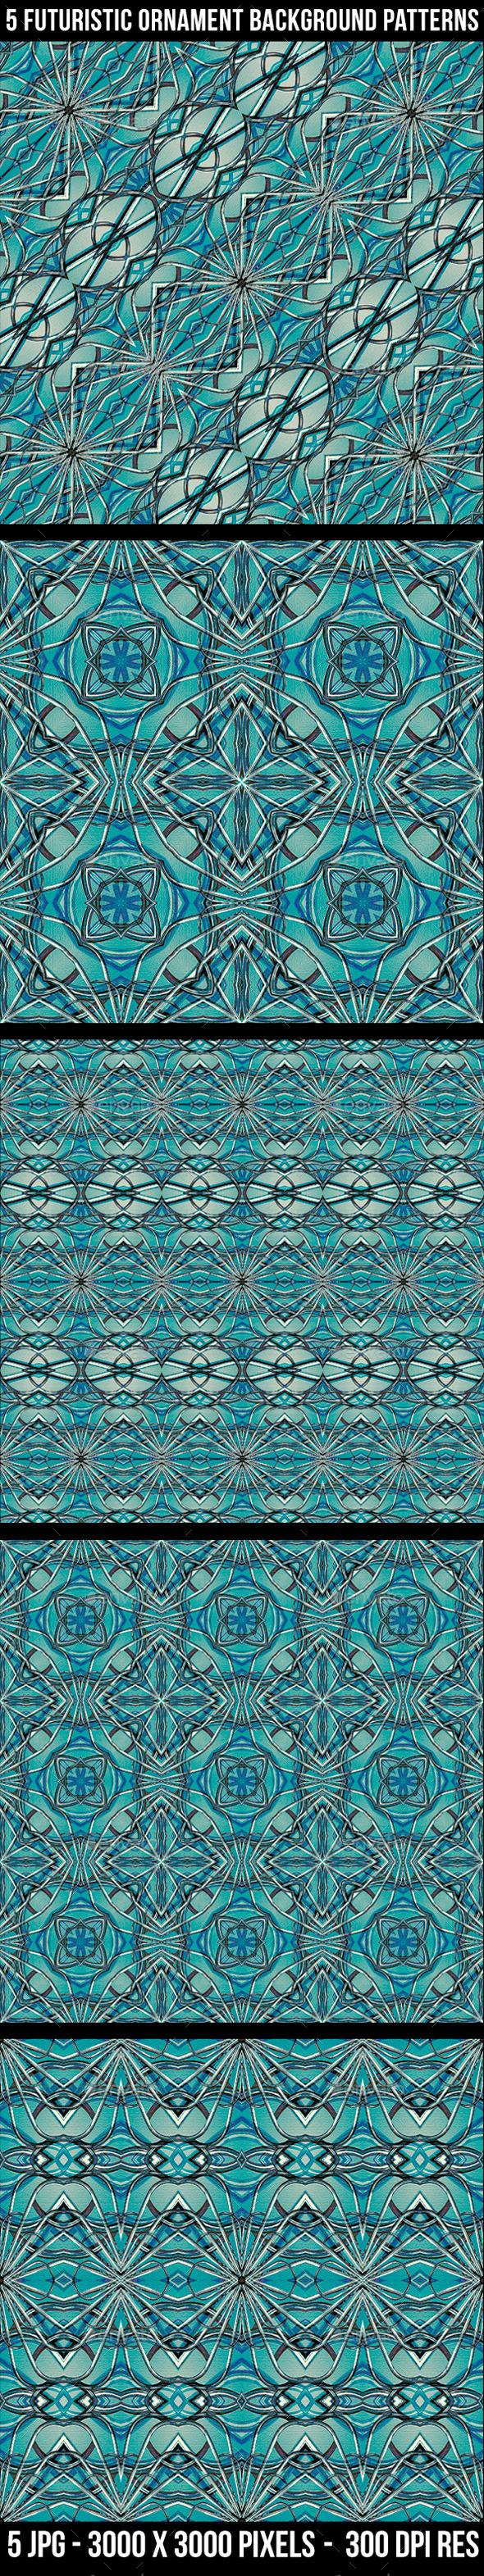 GraphicRiver 5 Futuristic Ornament Patterns 11608386